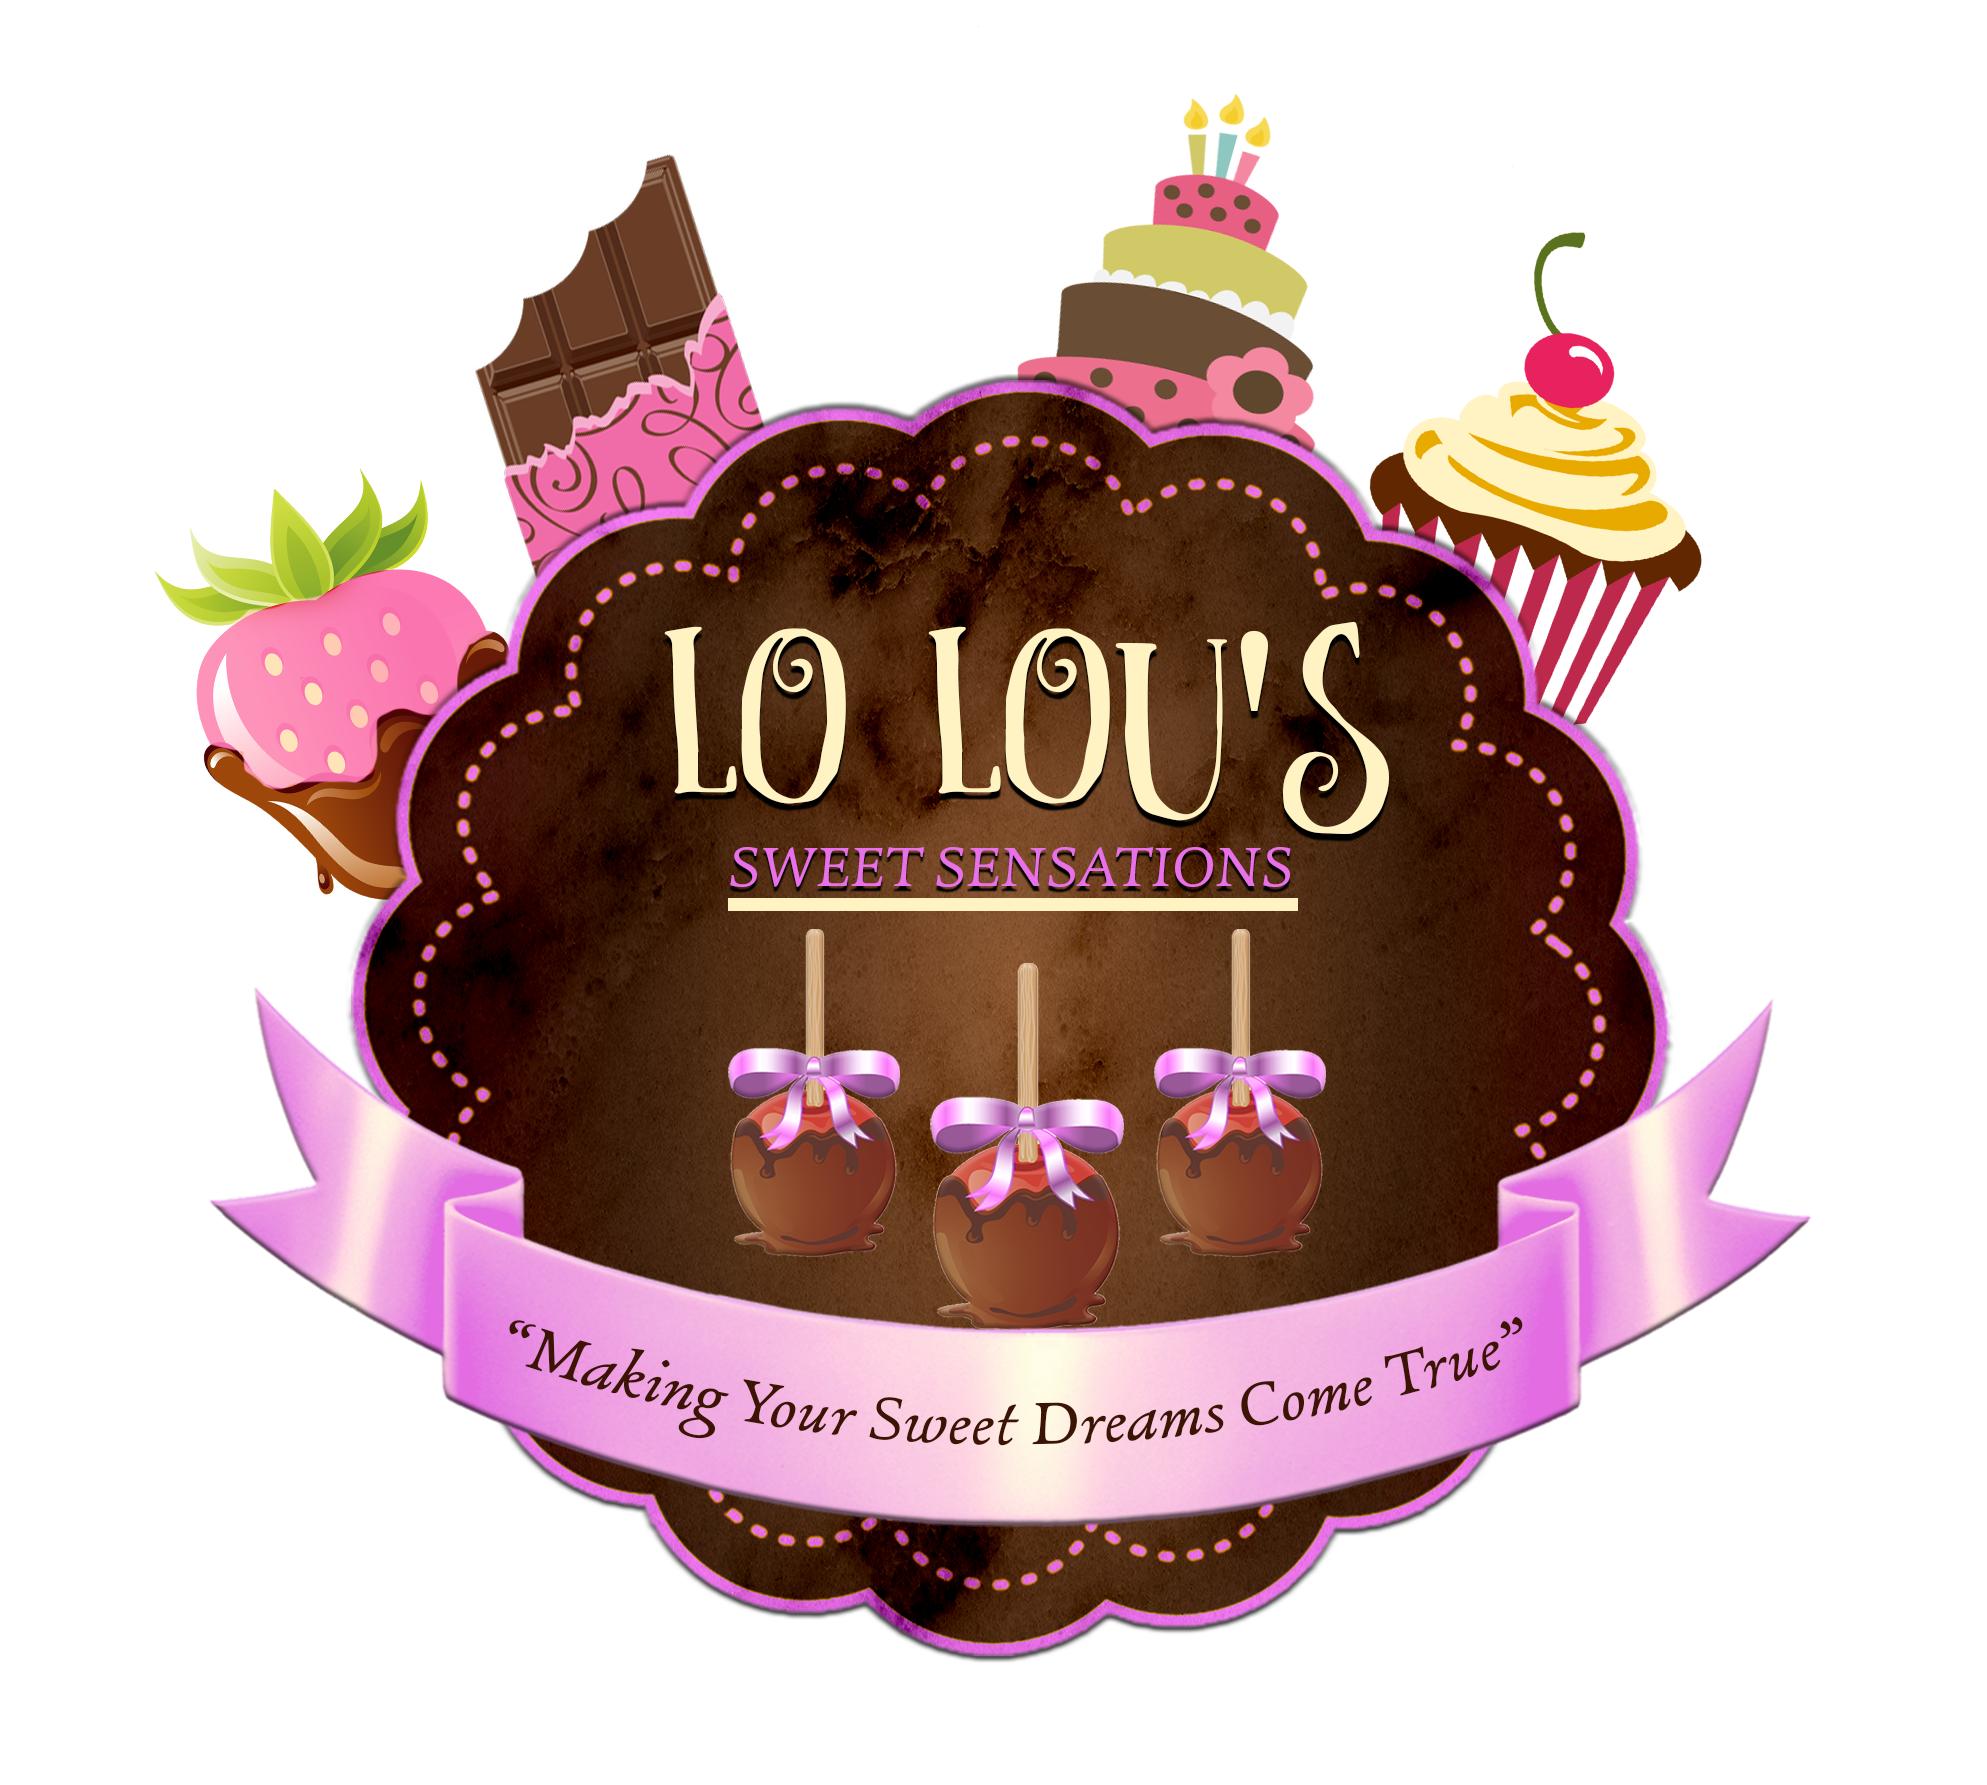 Lo Lou's